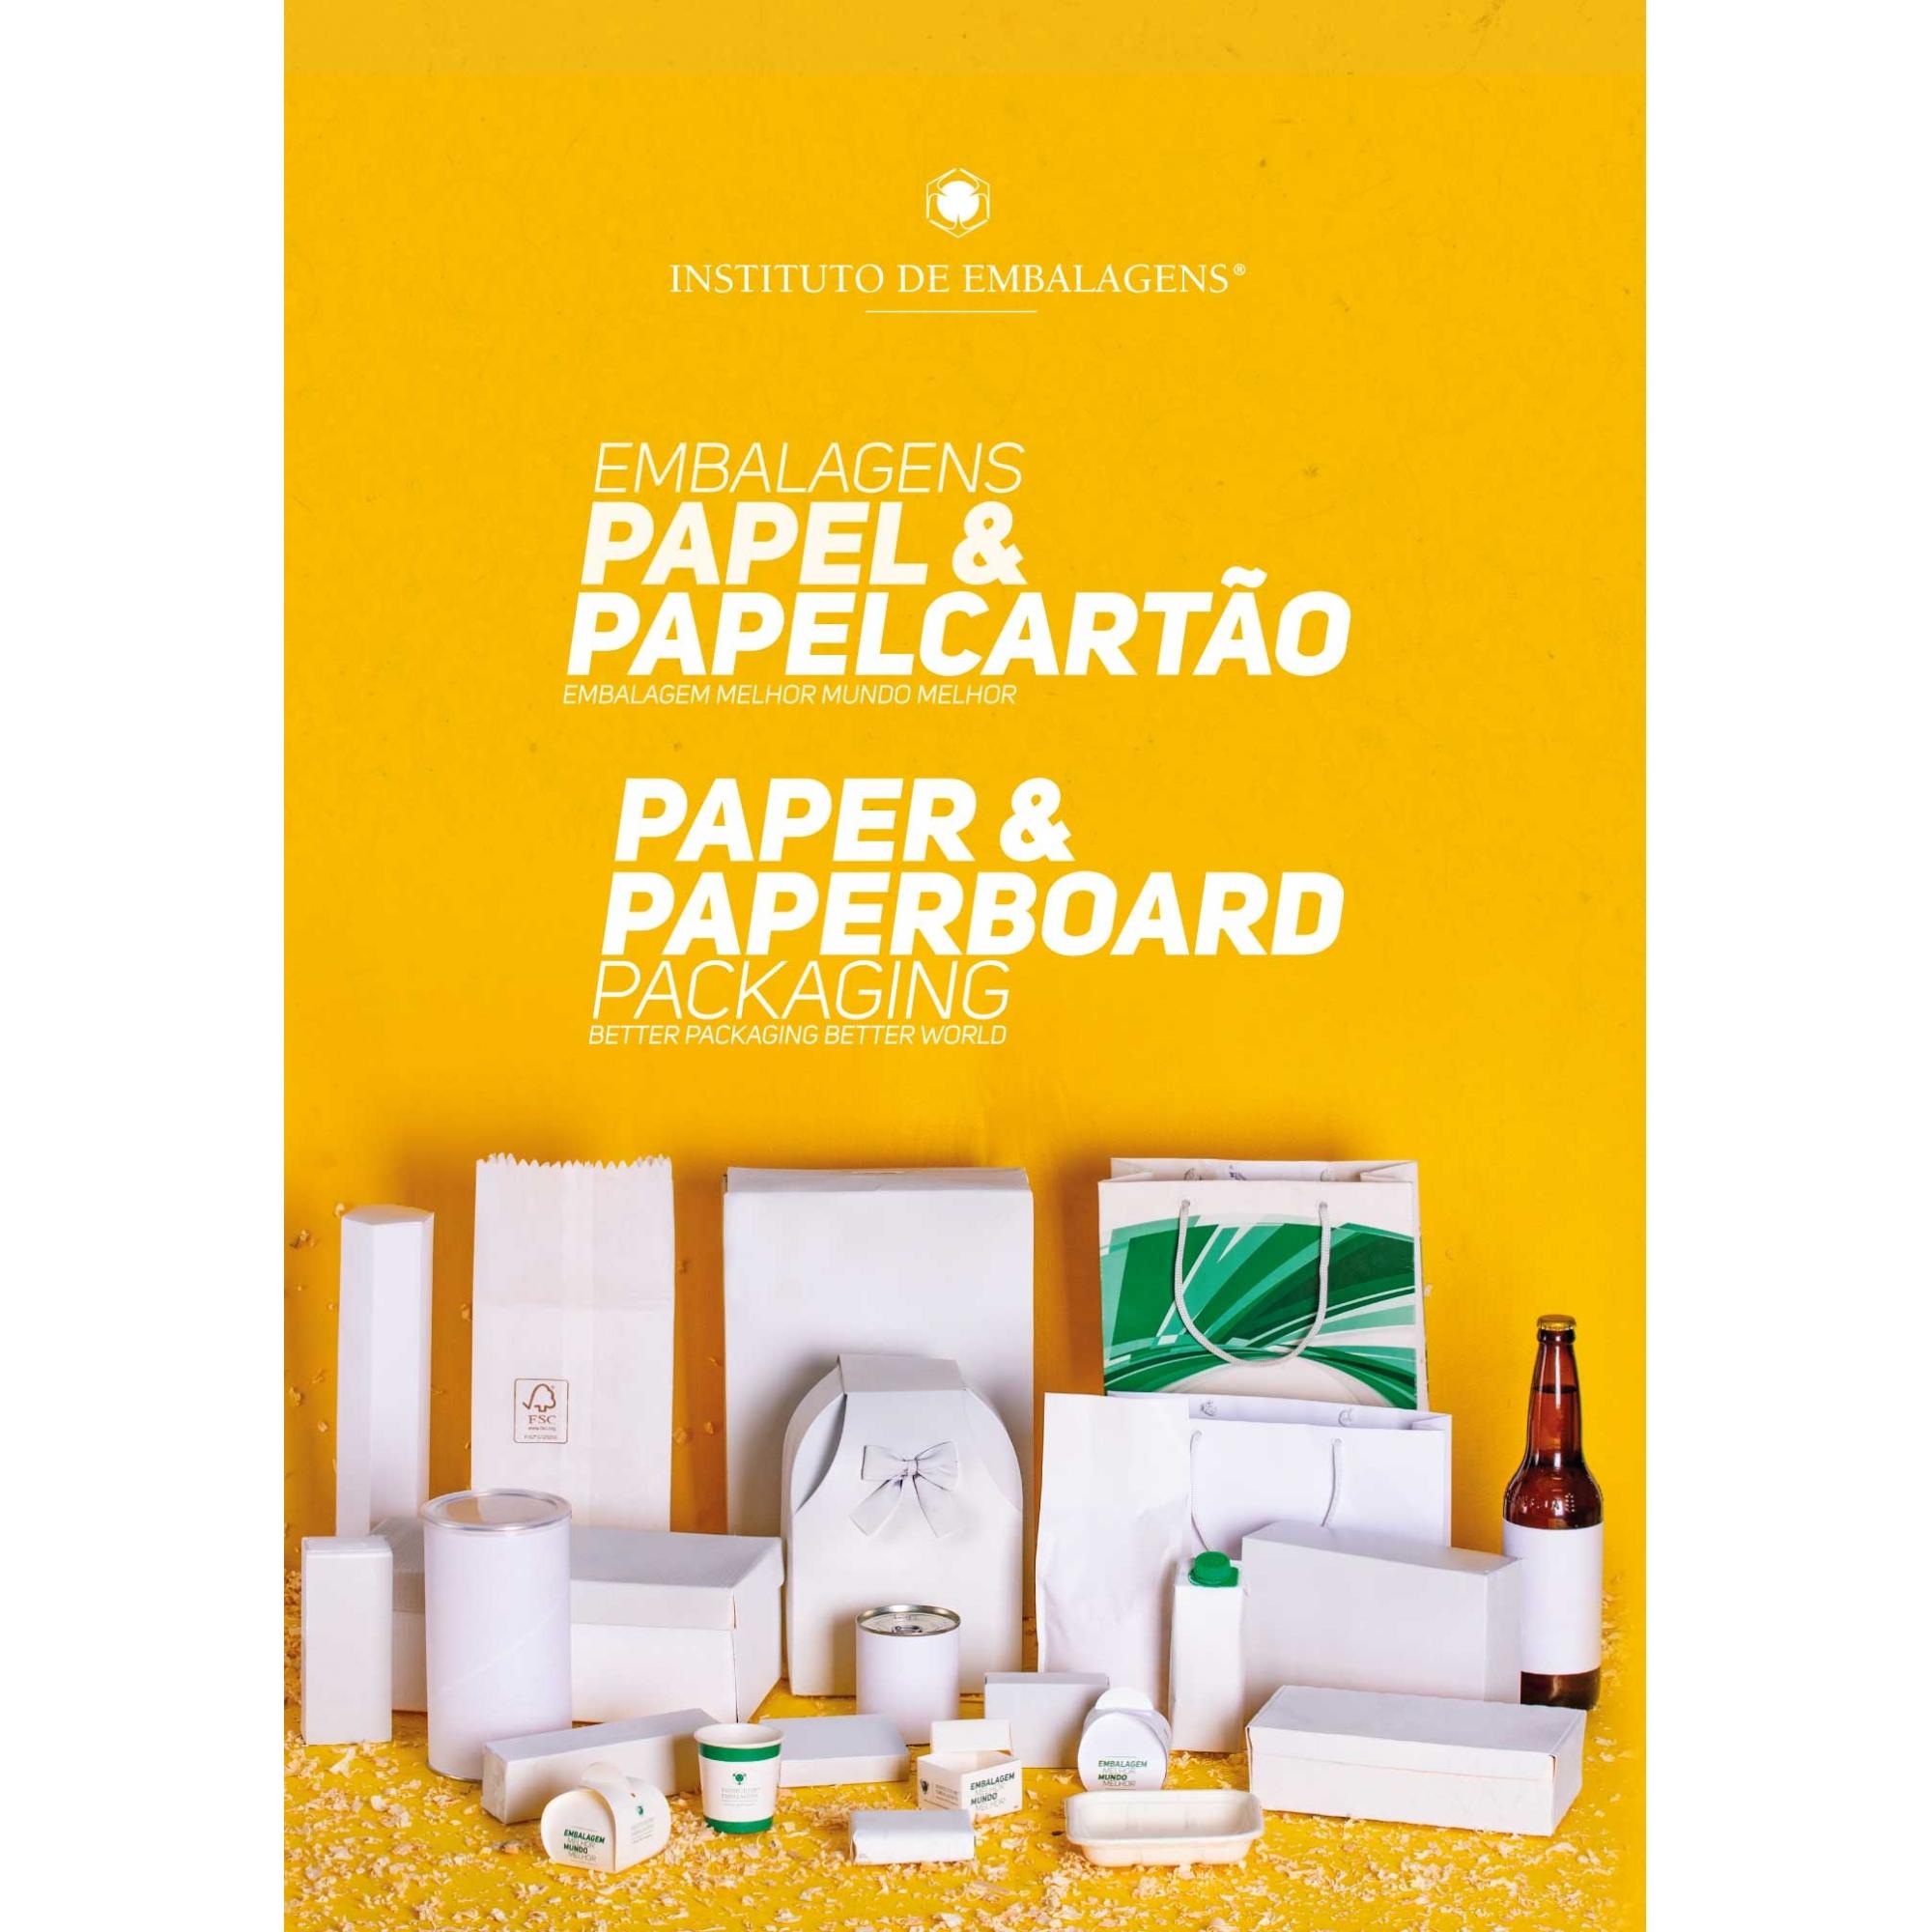 EMBALAGENS PAPEL & PAPELCARTÃO